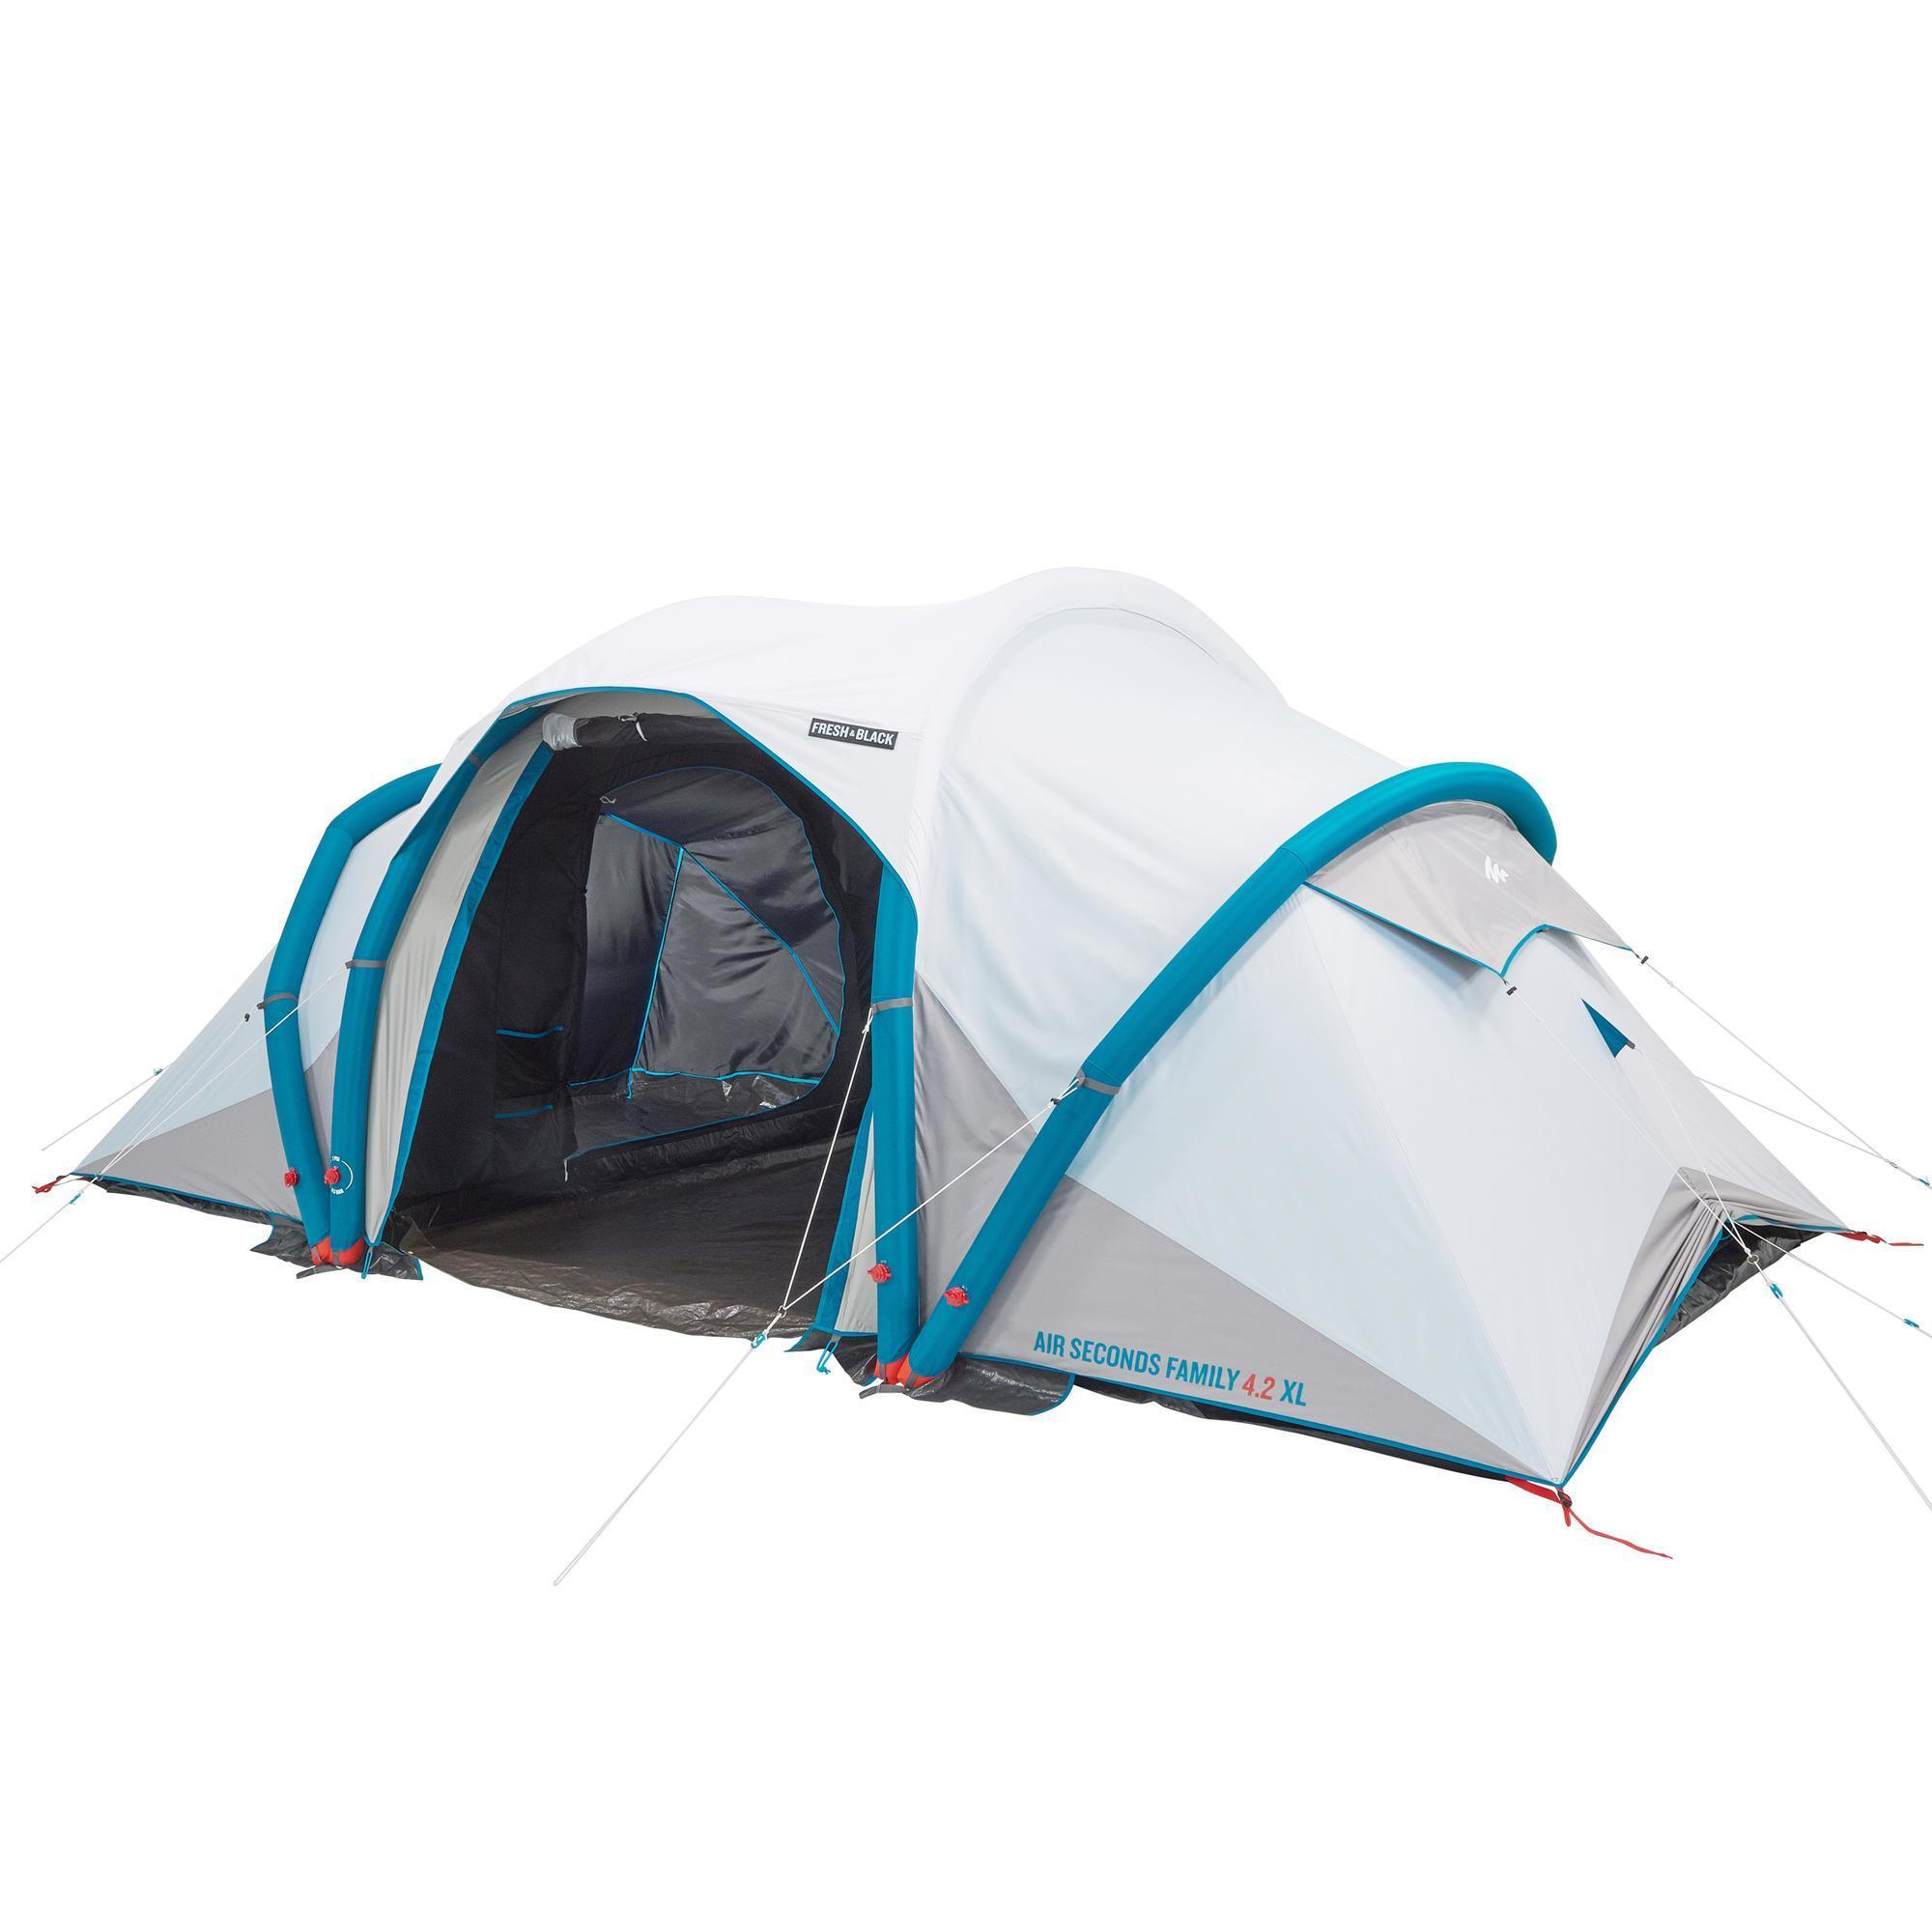 Tentes de camping gonflable à air Quechua Seconds Fresh & Black - 2 à 4 personnes